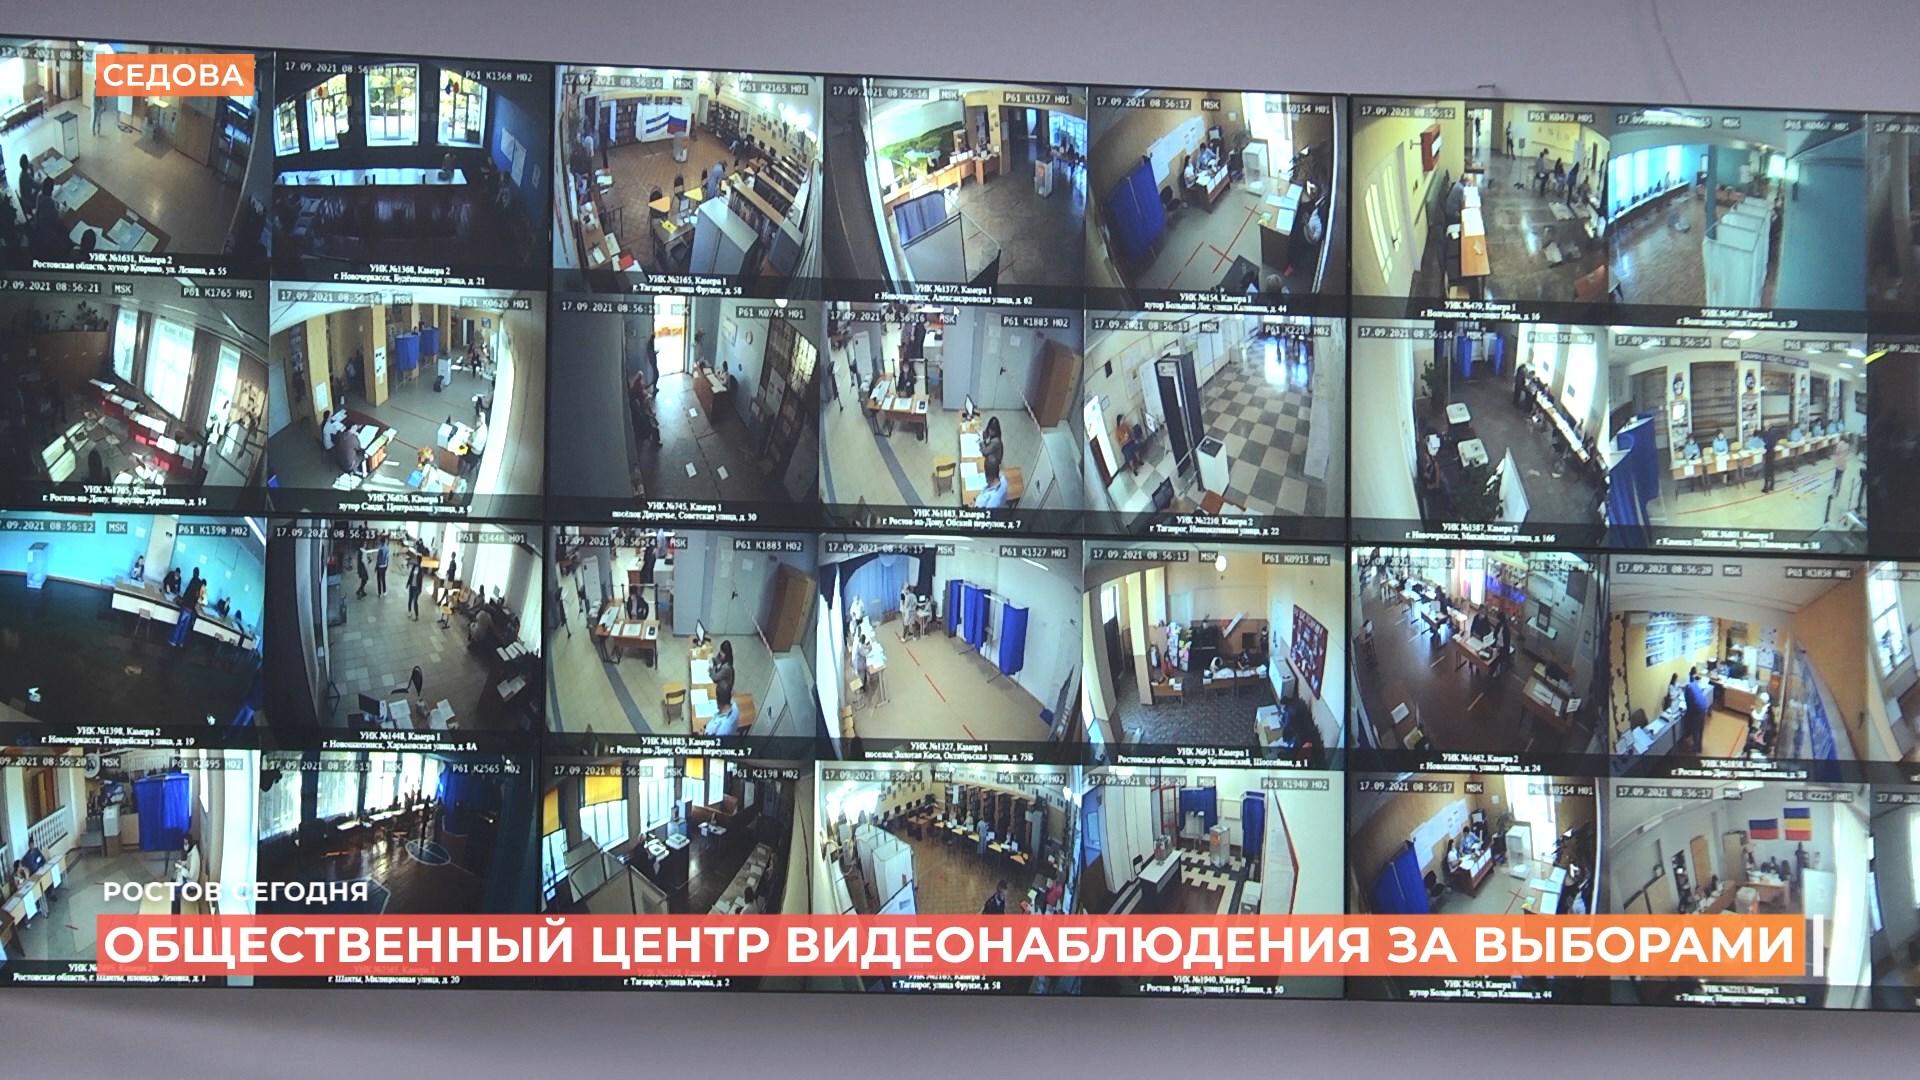 Ростов сегодня: утренний выпуск 9:00. 19 сентября 2021